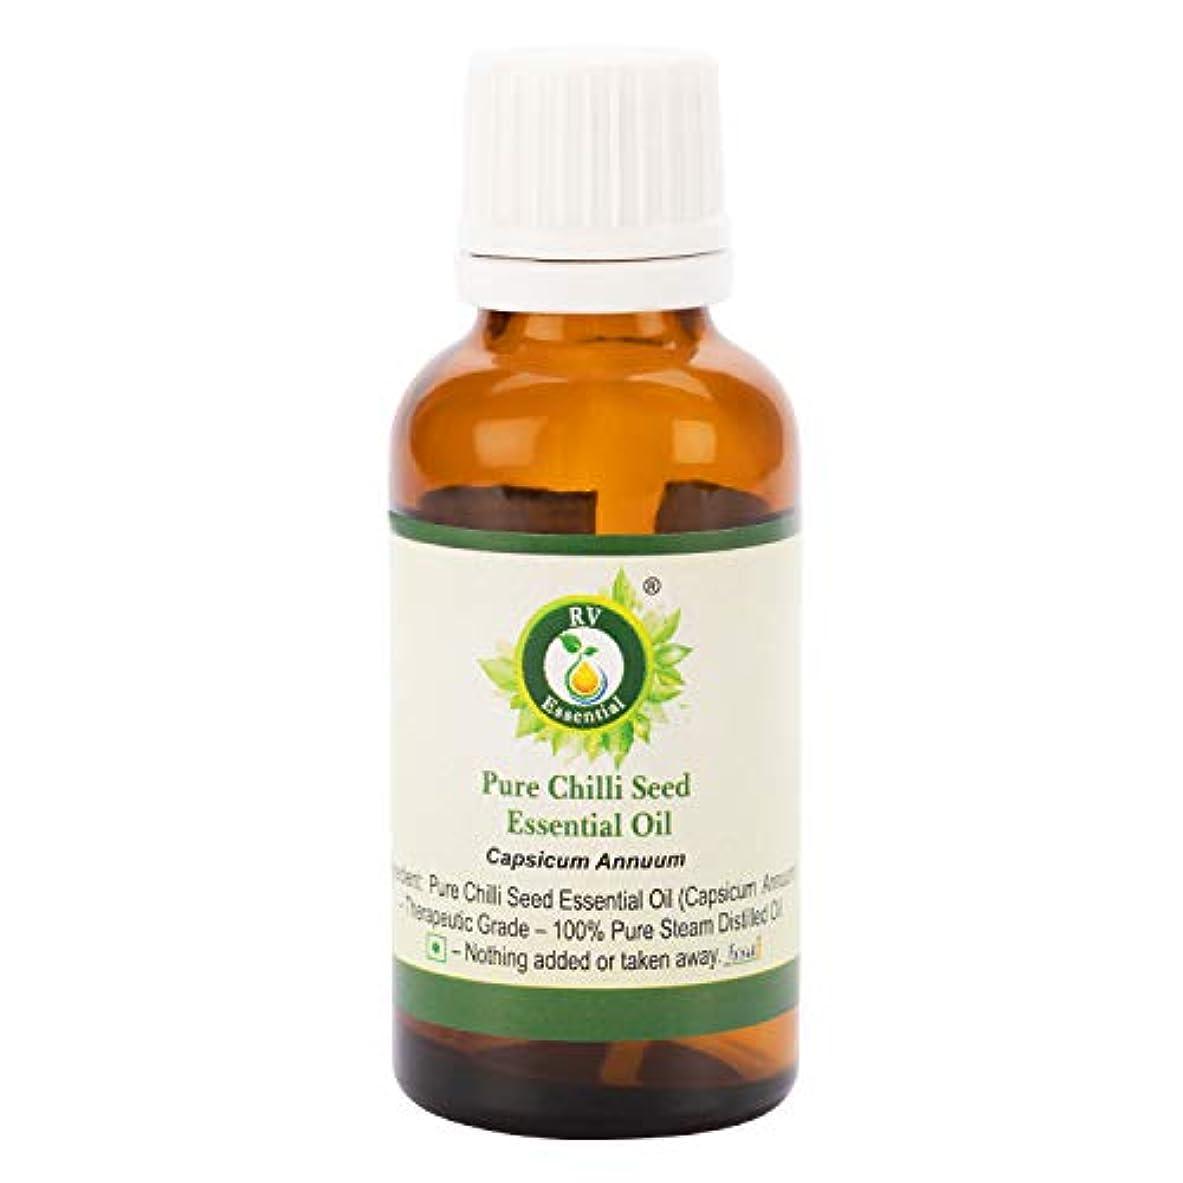 自我別の疑問に思うピュアチリシードエッセンシャルオイル5ml (0.169oz)- Capsicum Annuum (100%純粋&天然スチームDistilled) Pure Chilli Seed Essential Oil